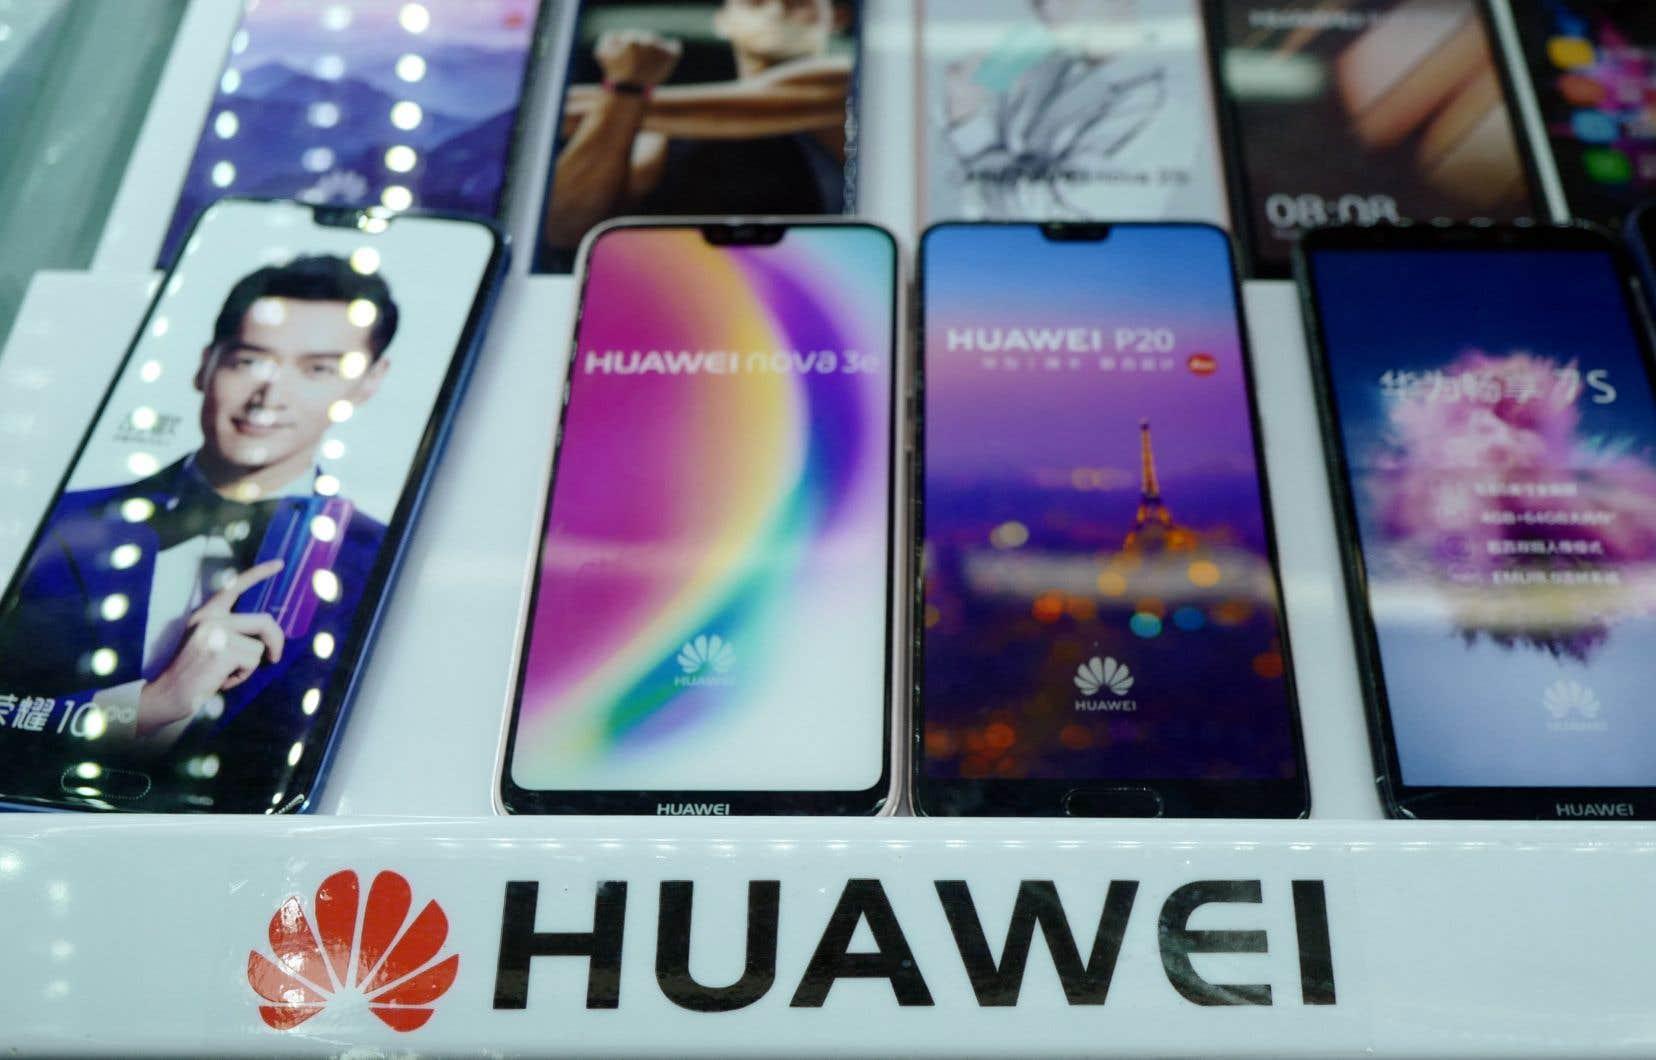 Huawei est accusée par les élus américains d'être un bras armé technologique de Pékin.